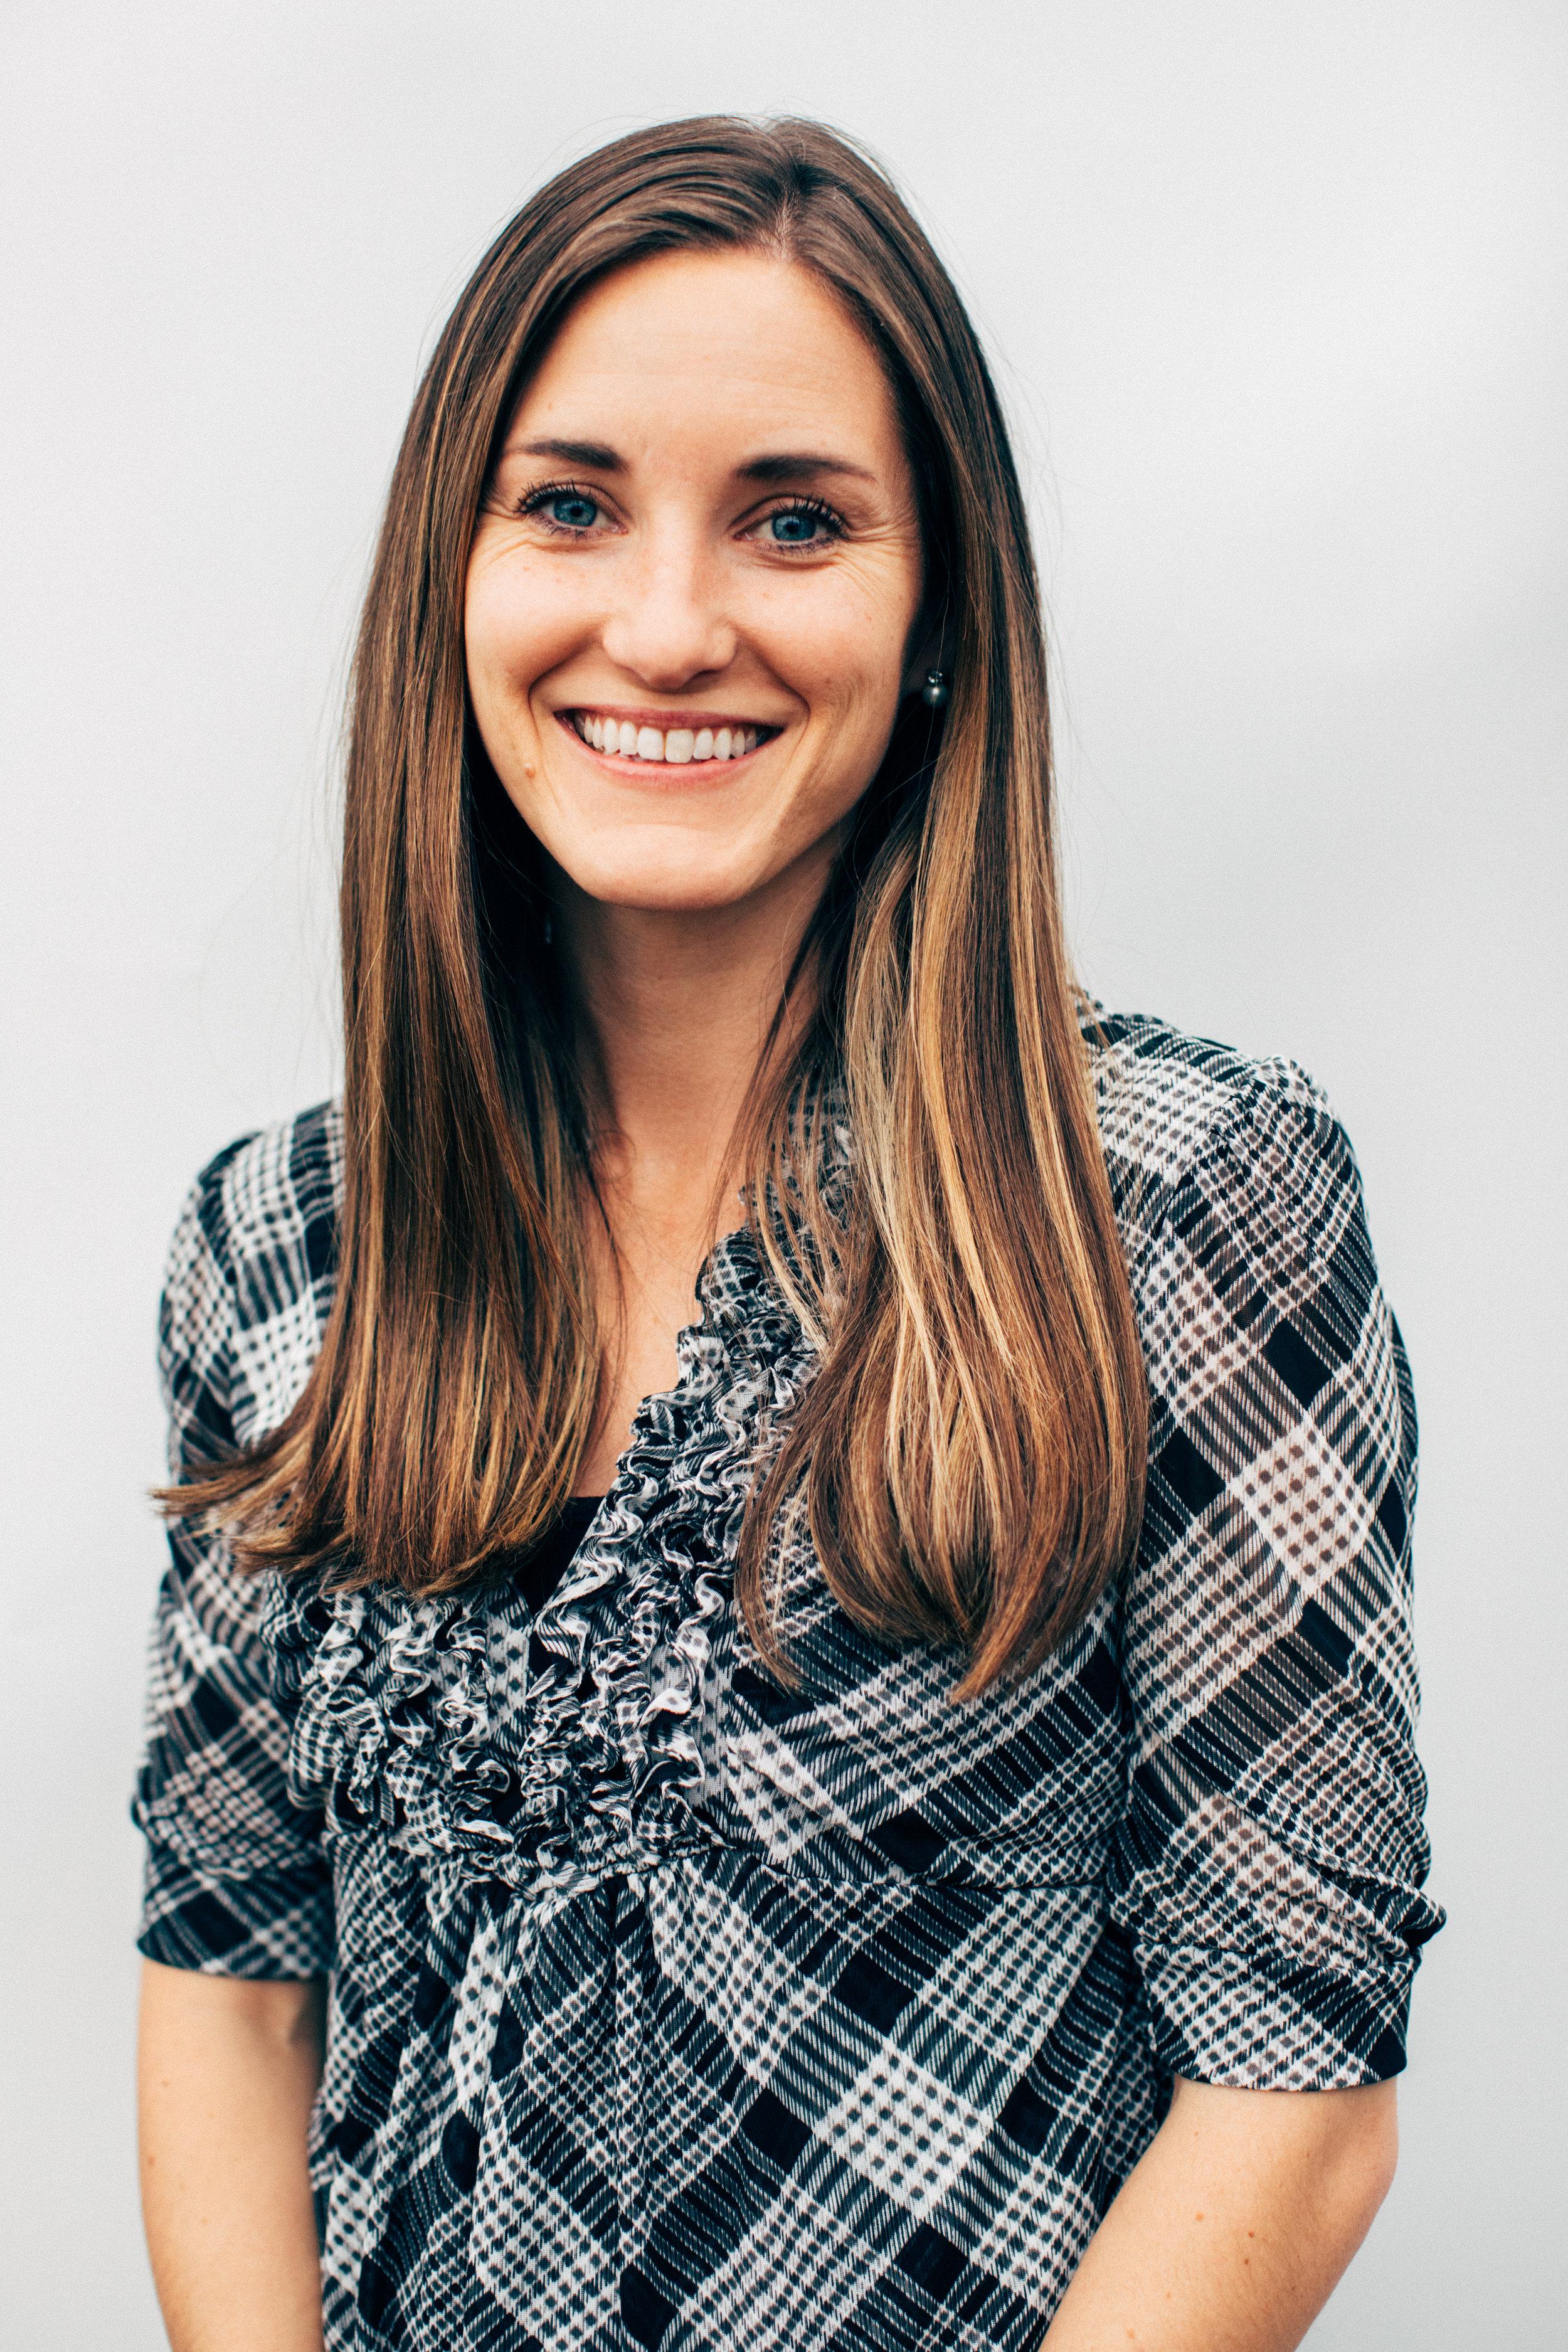 Michelle Theisen